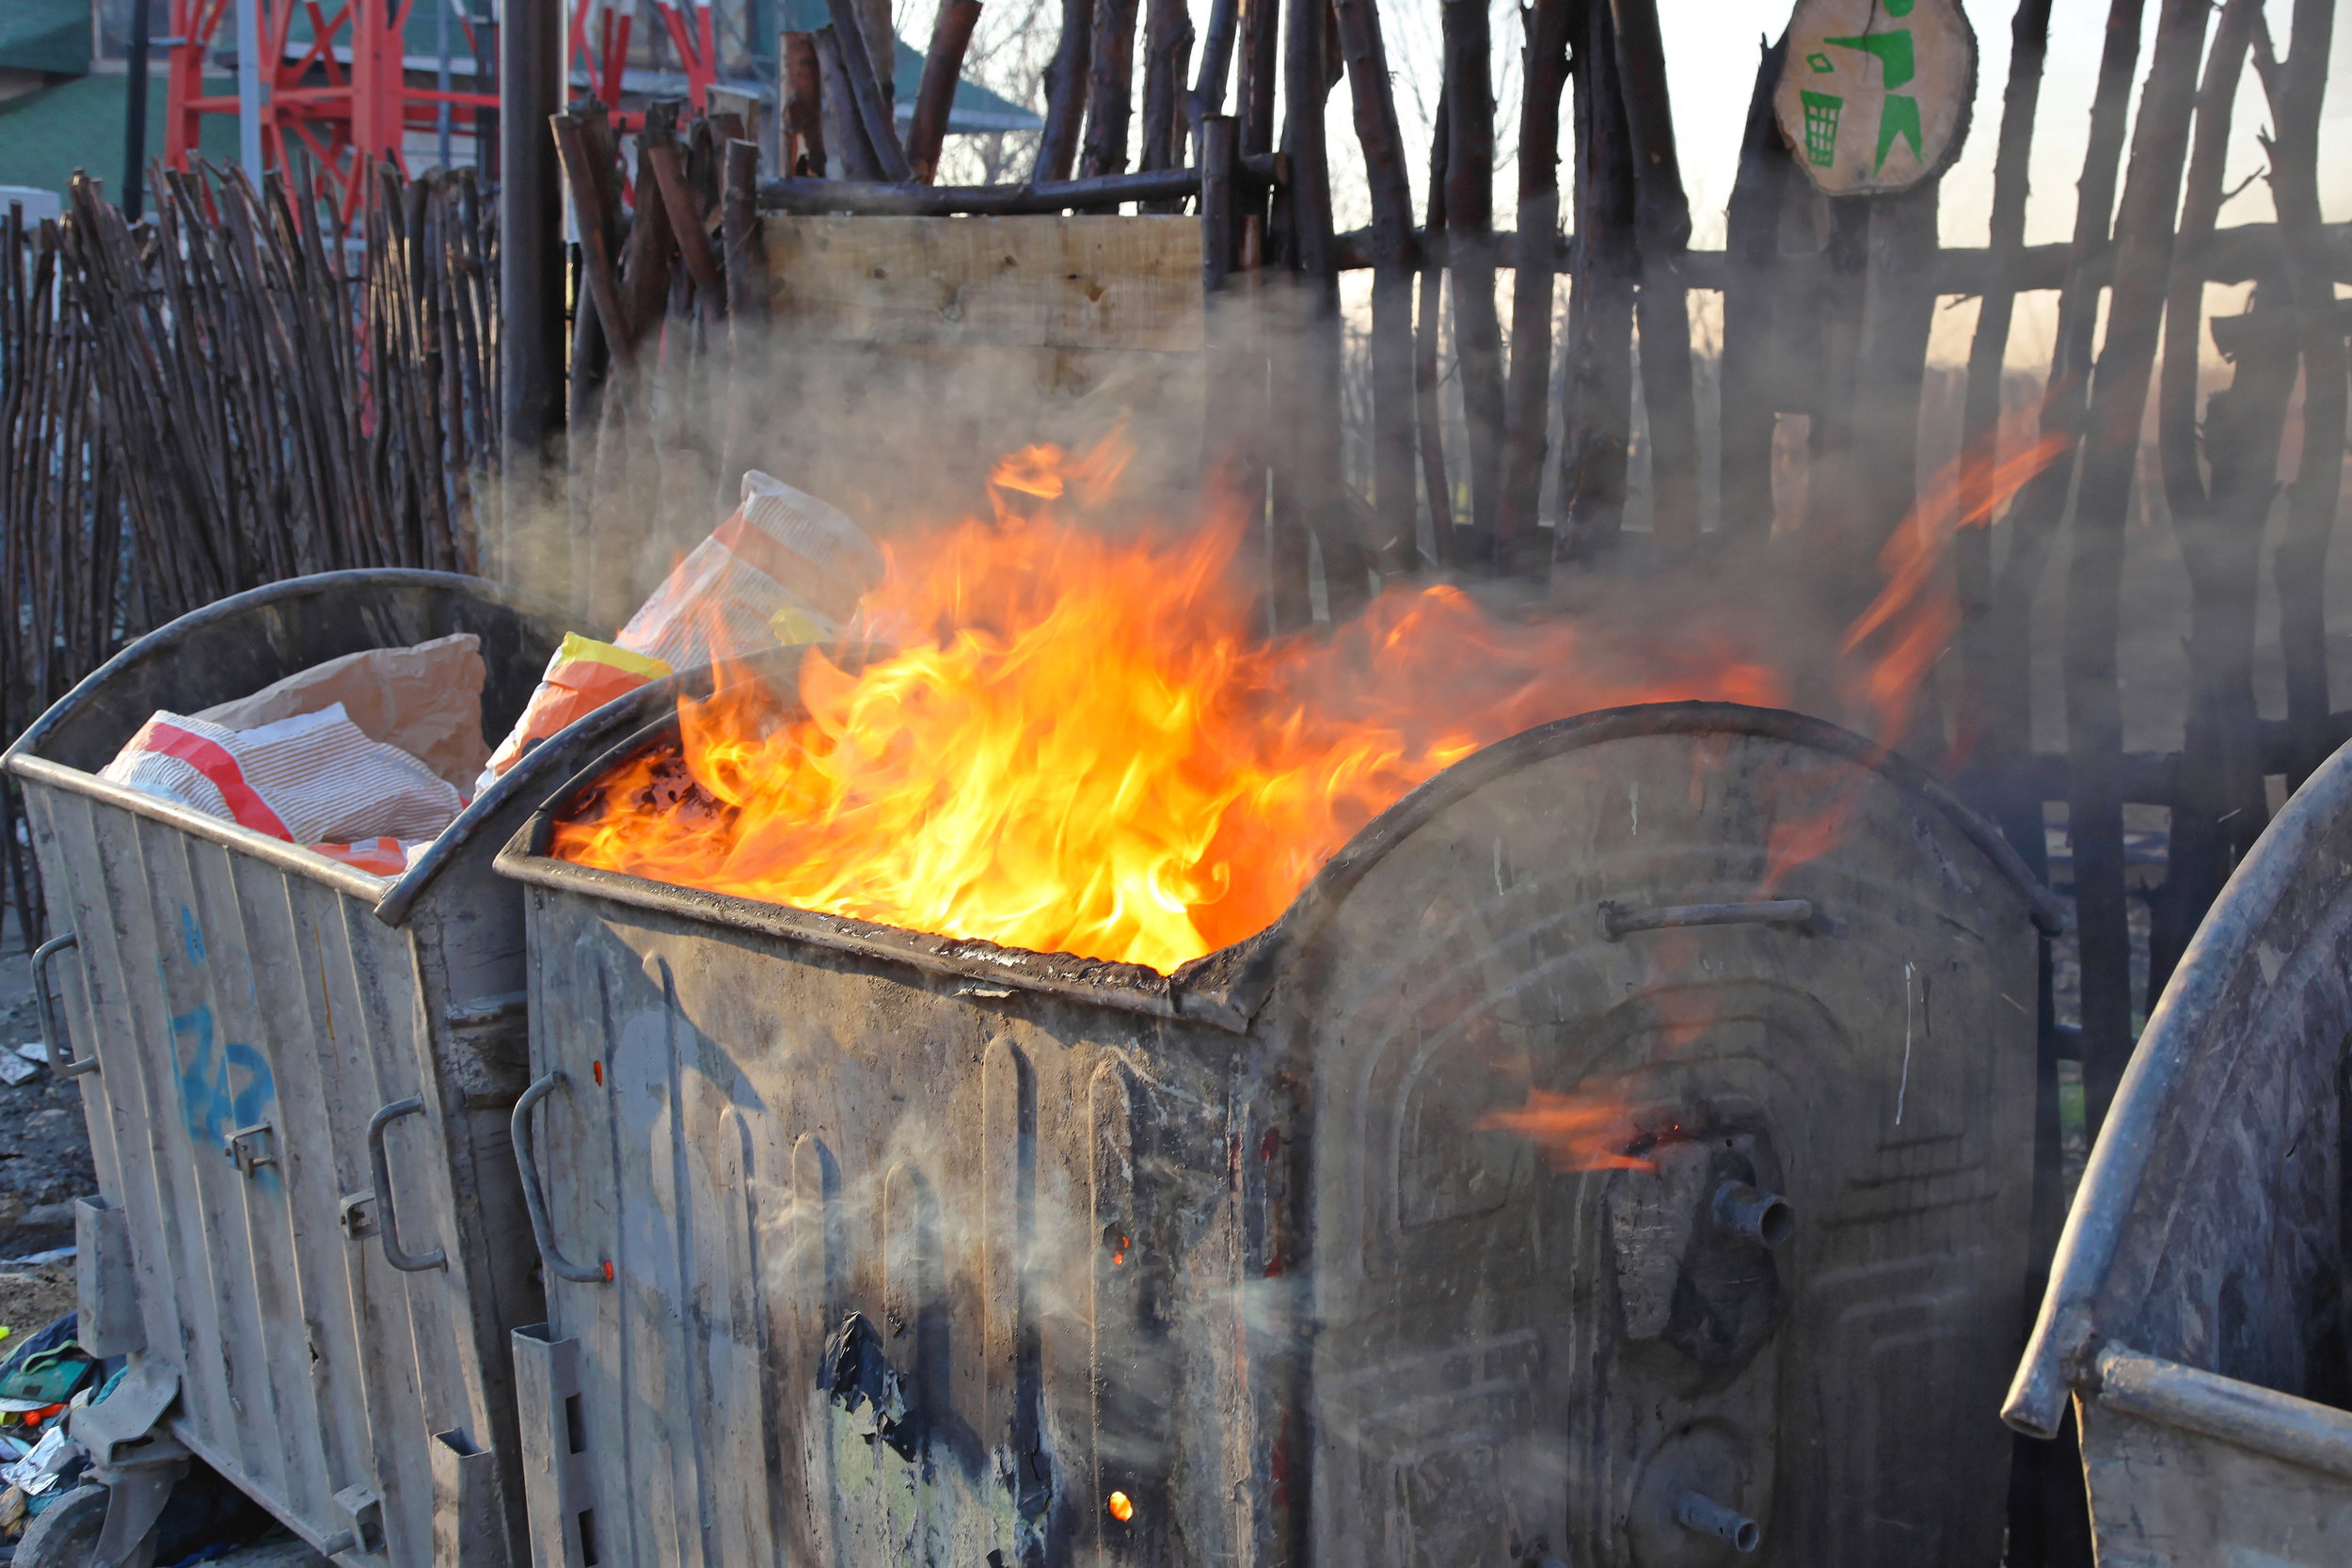 dumpster-fire.jpg